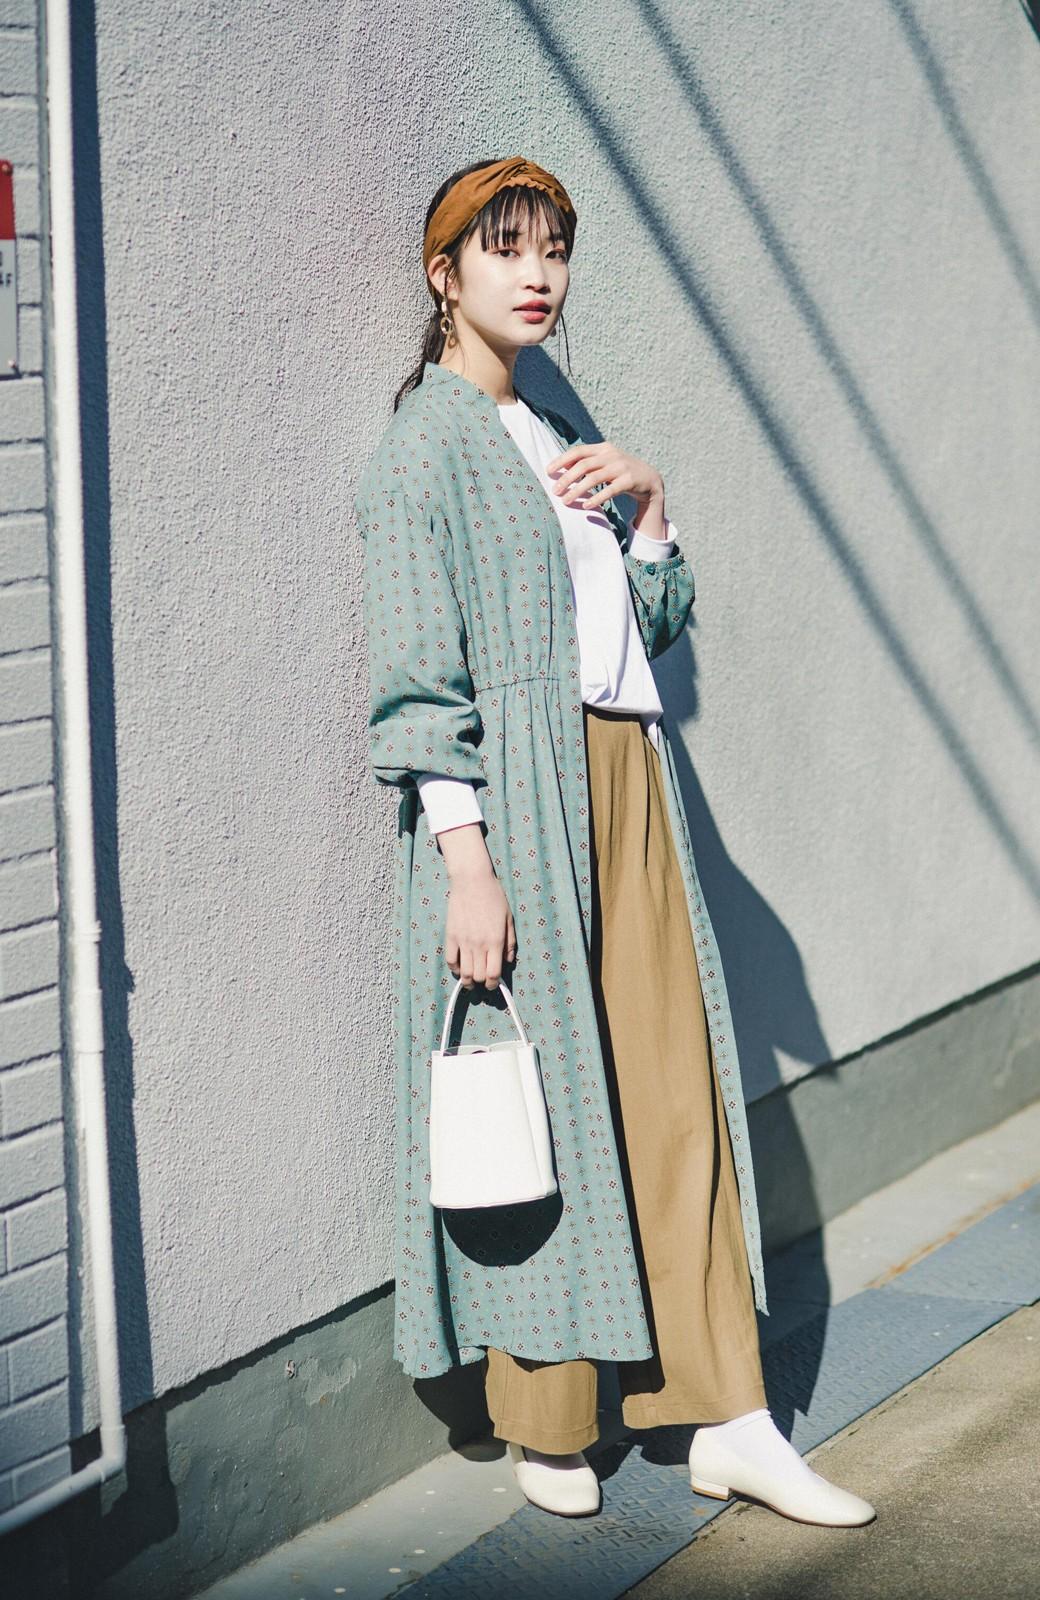 haco! コーデが華やいで気分も上がる 羽織りとしても便利な大人の雰囲気漂う小紋柄風ワンピース <ブルー>の商品写真11